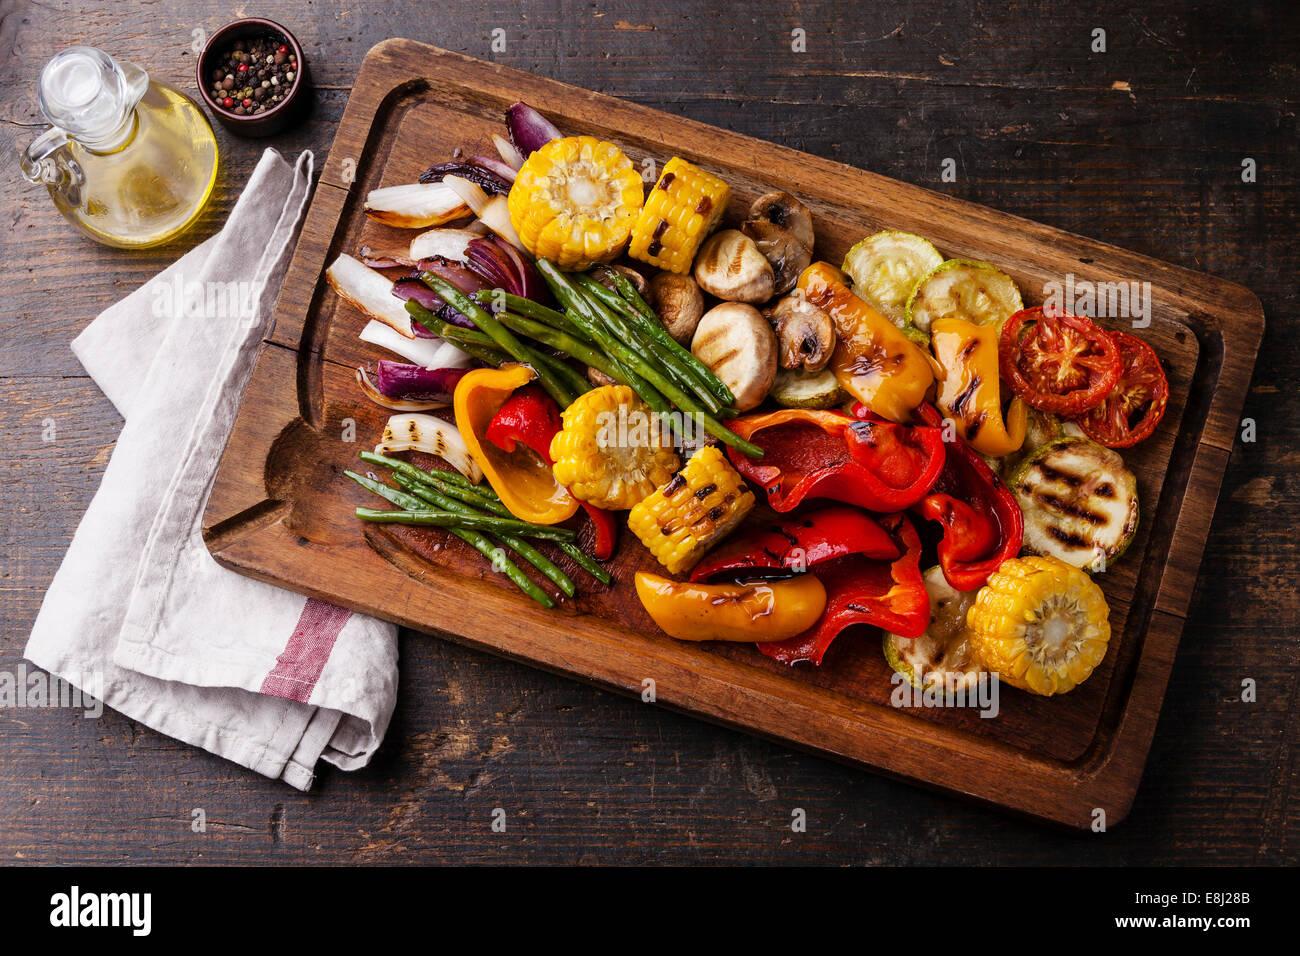 Légumes grillés sur une planche à découper sur fond de bois foncé Photo Stock